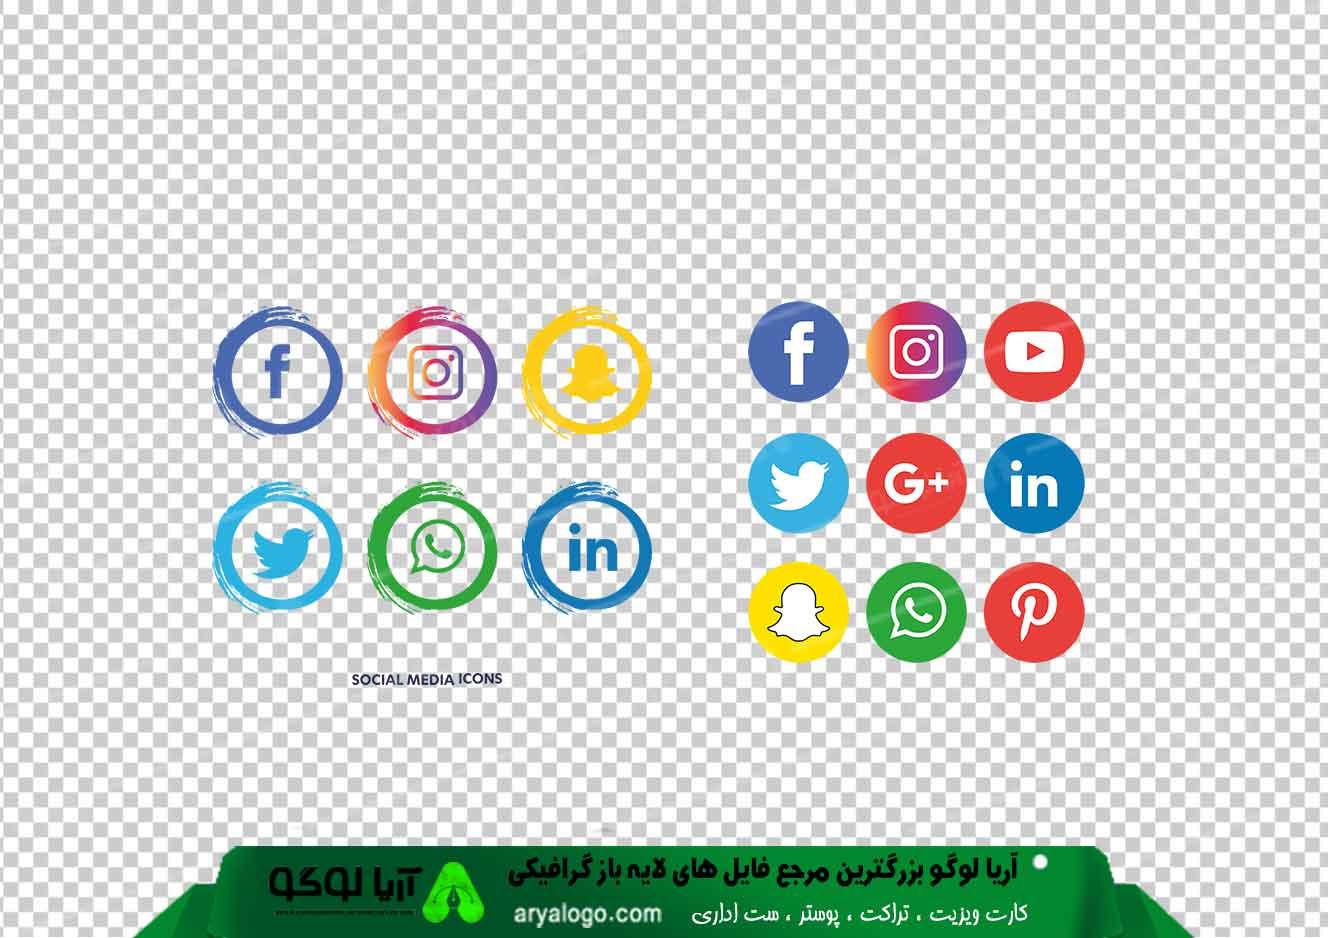 آیکون شبکه های اجتماعی